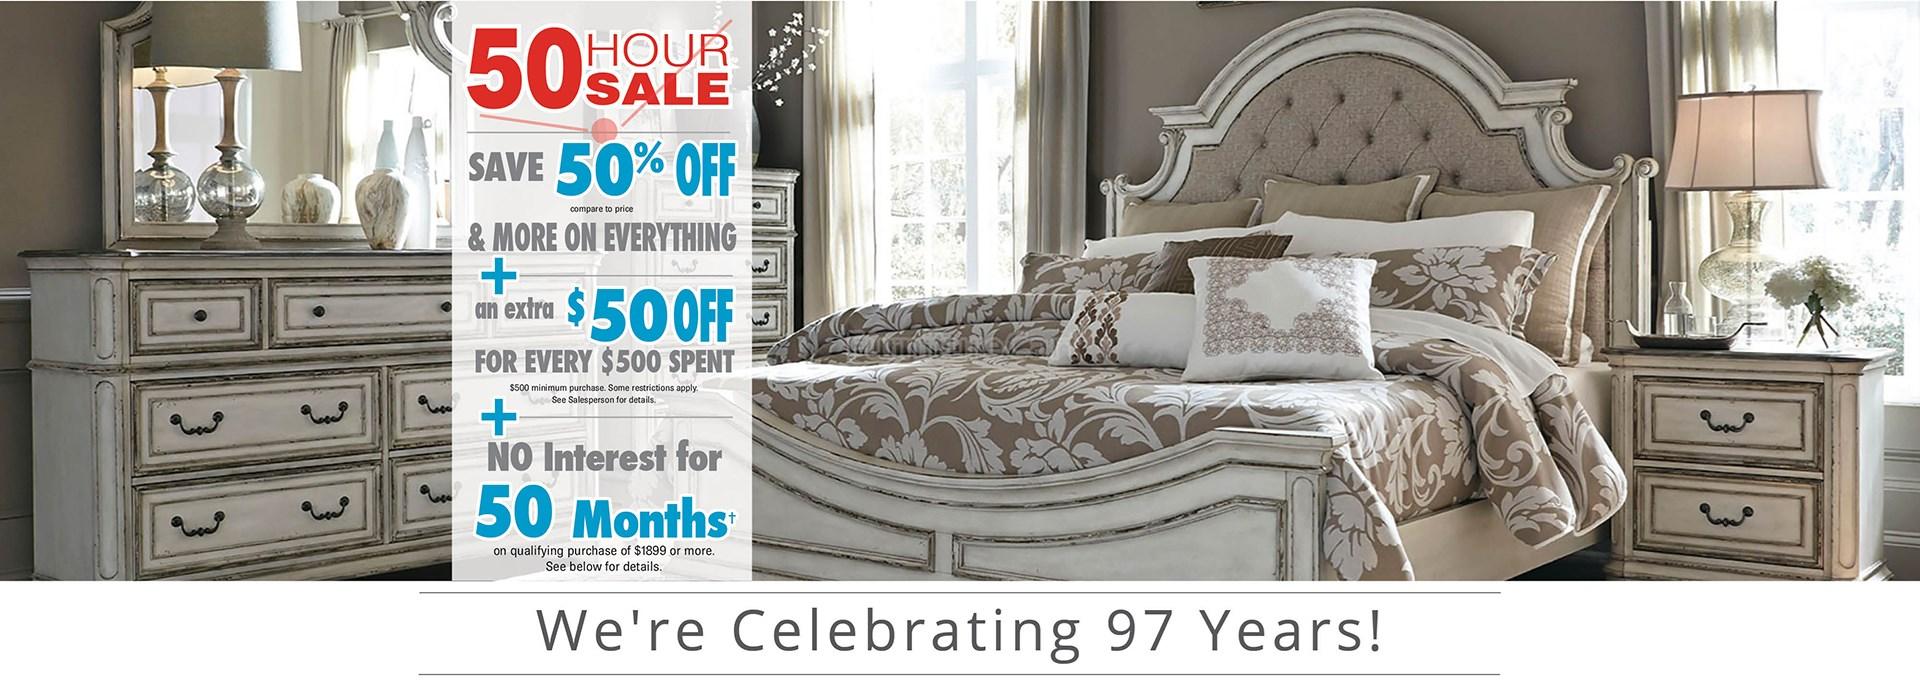 50-50-50 Sale